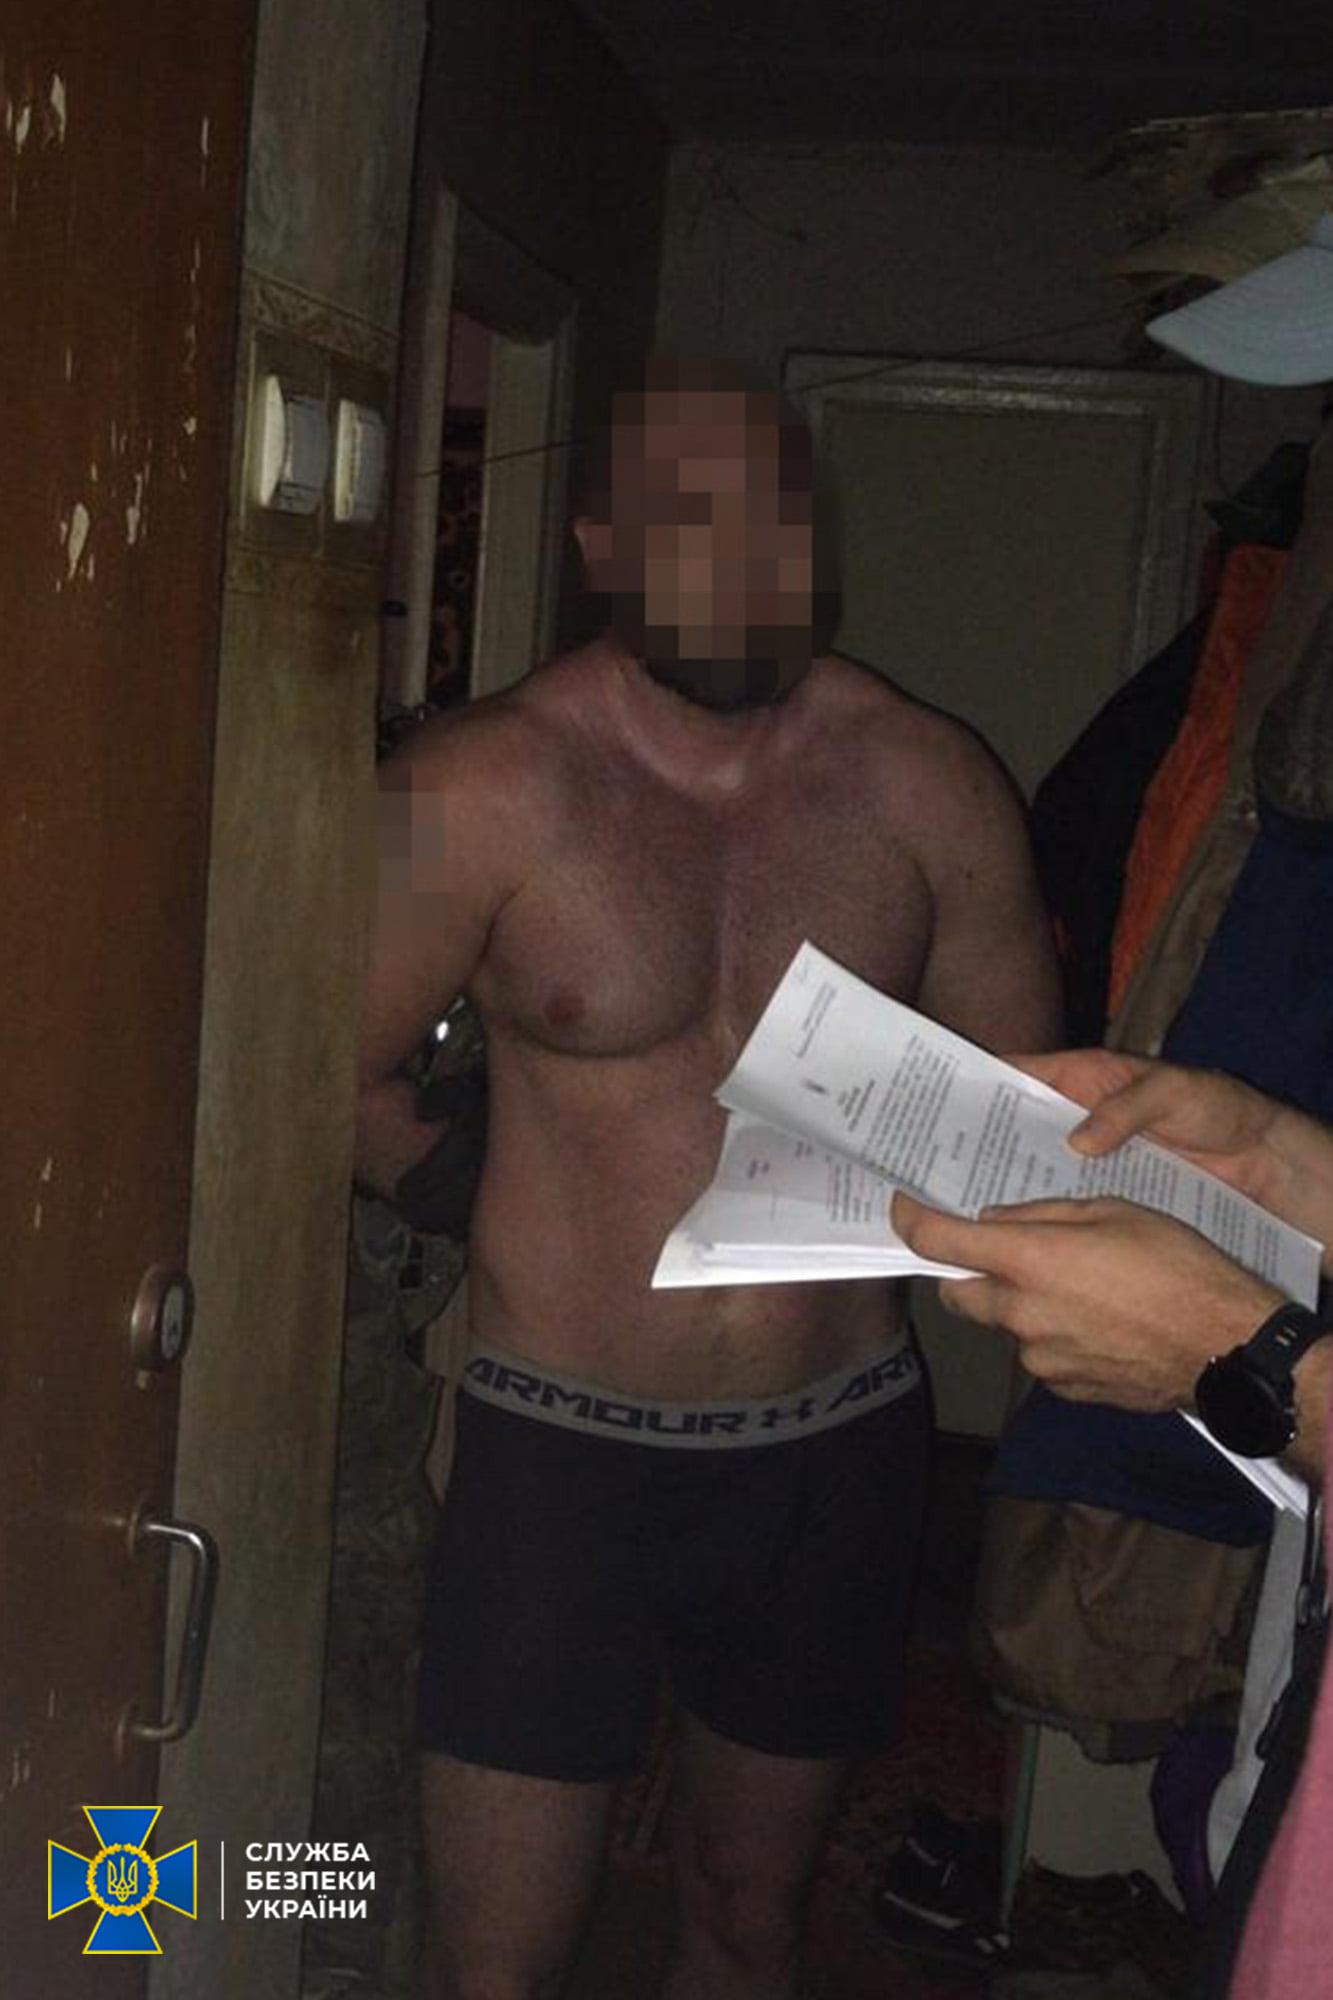 Впервые в истории страны украинцу вручили подозрение в пиратстве - фото 2